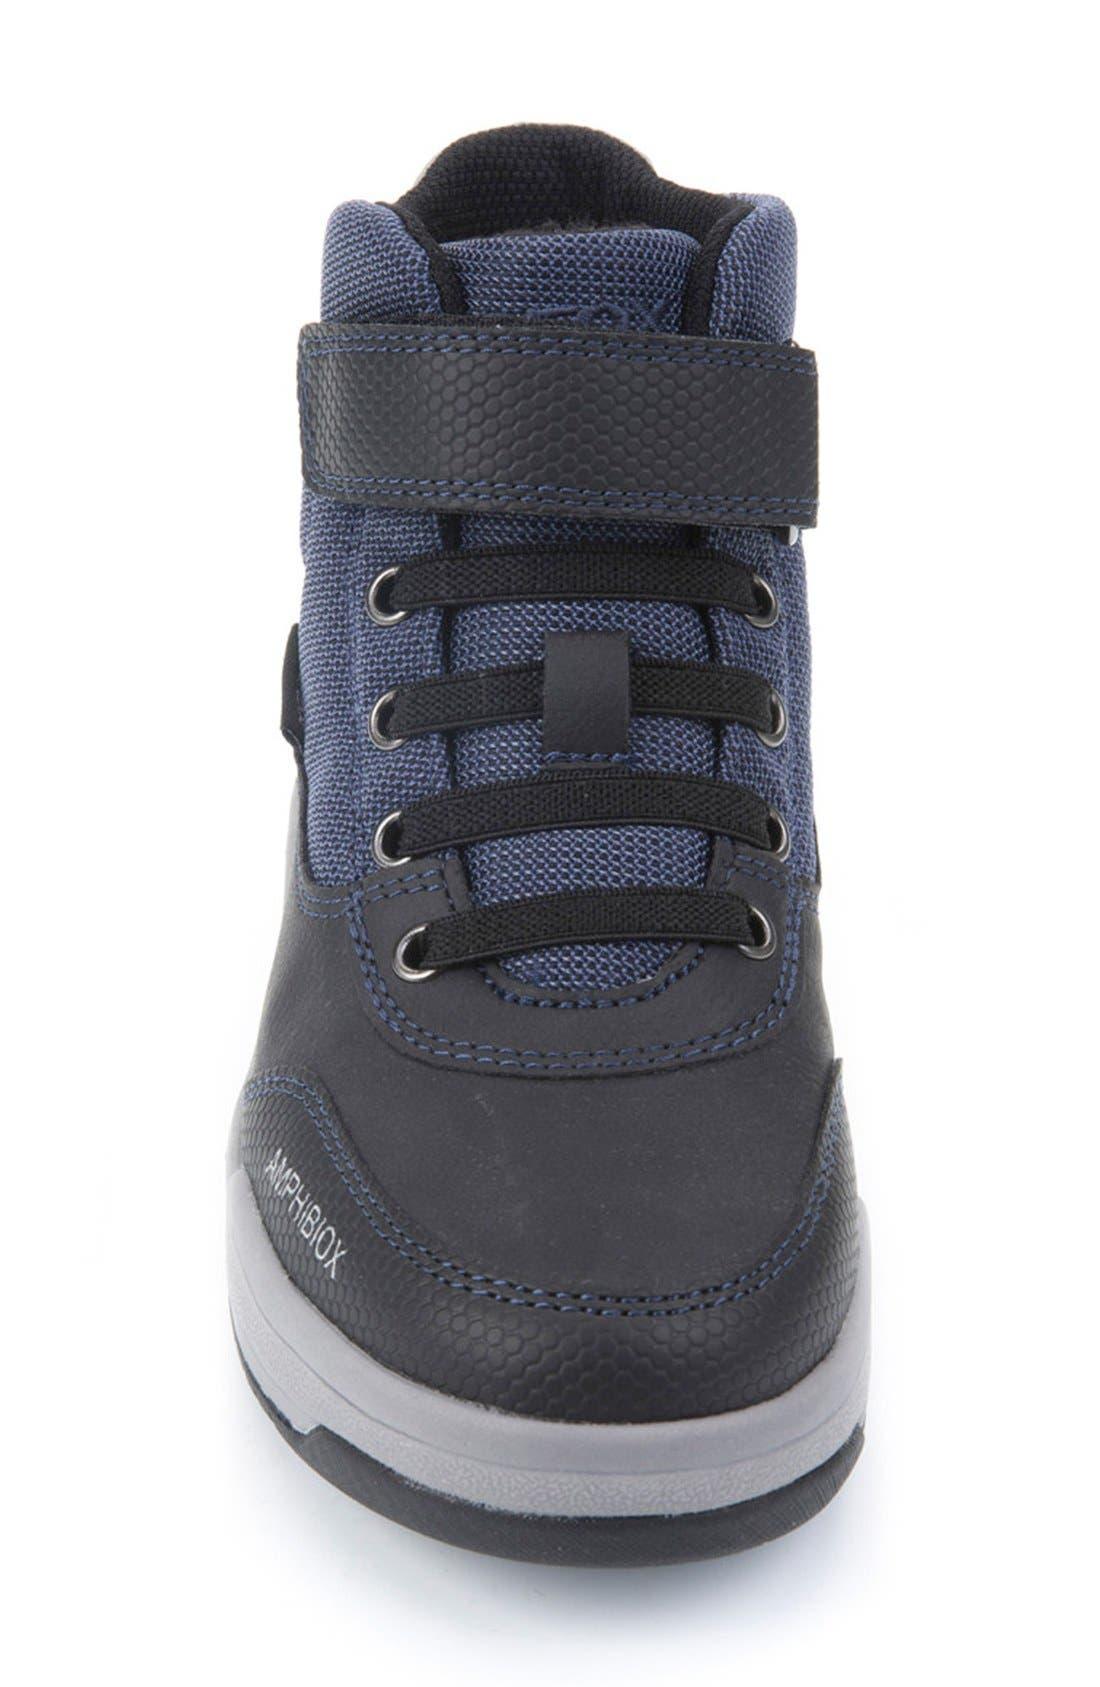 Rolk High Top Sneaker,                             Alternate thumbnail 6, color,                             Navy/ Black